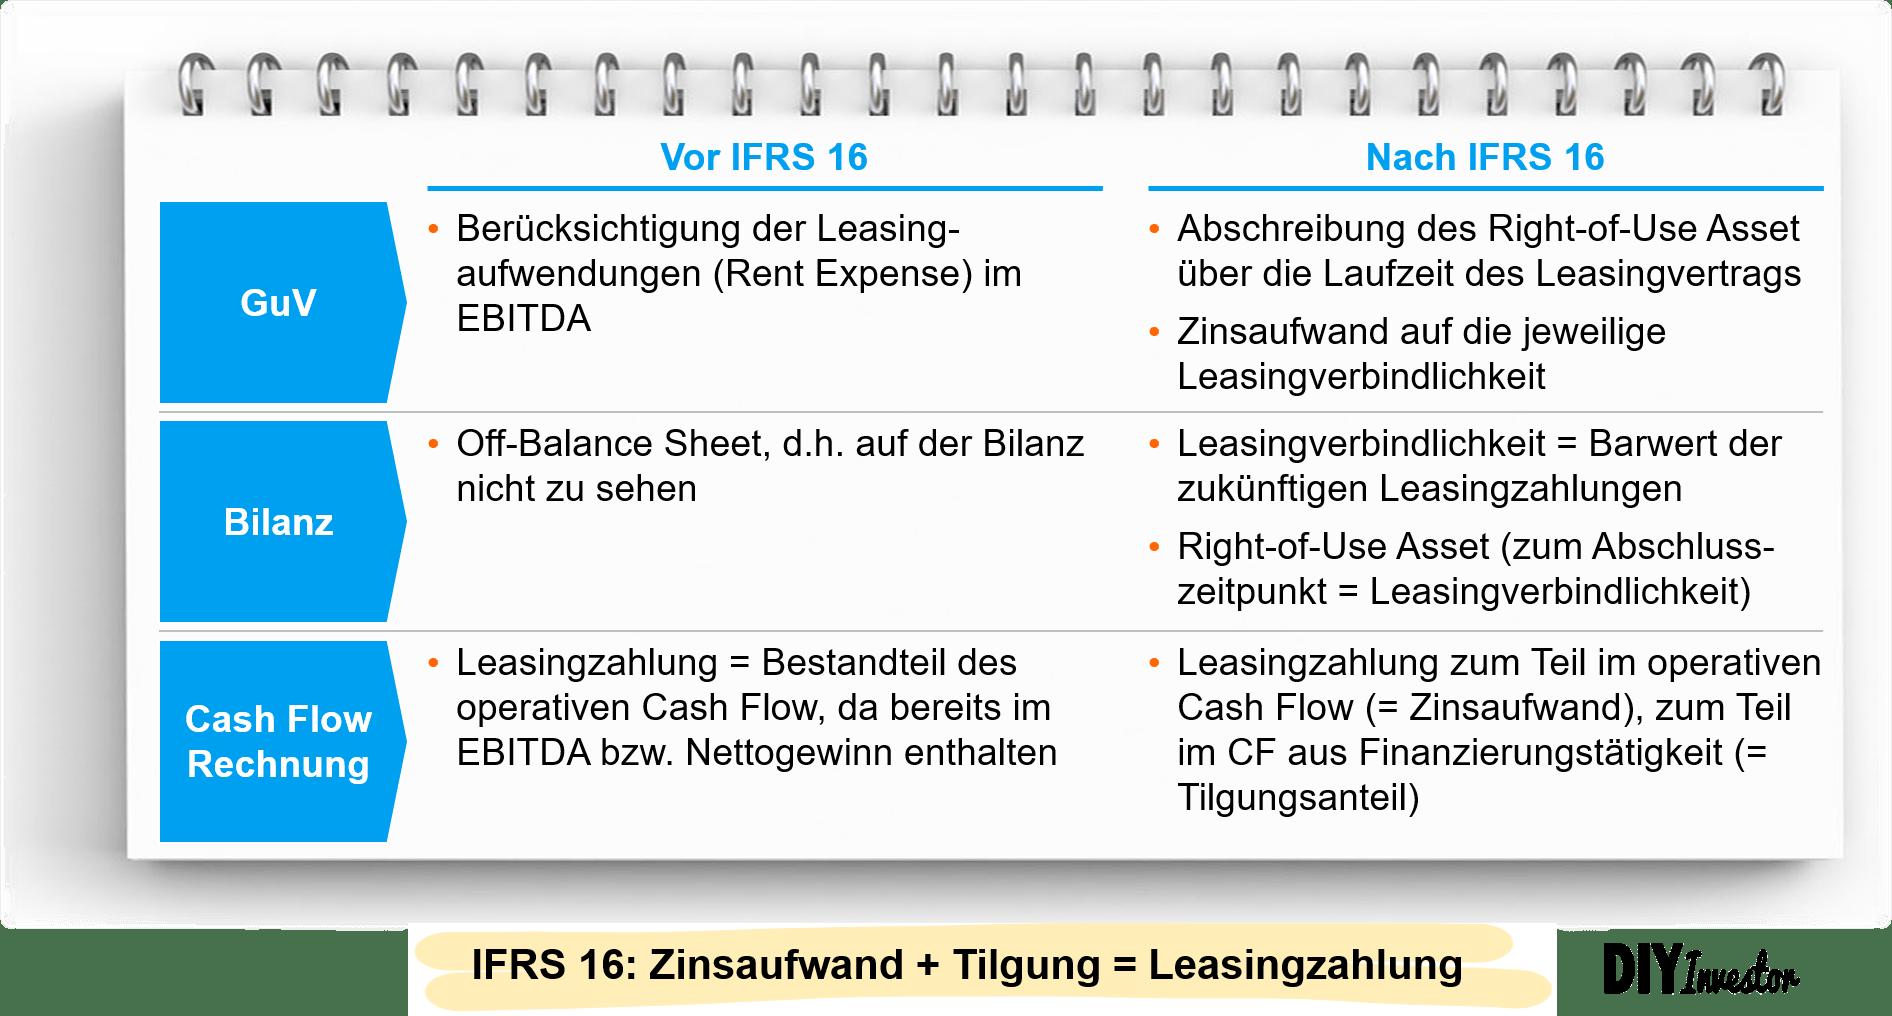 IFRS 16 - Wesentliche Änderungen